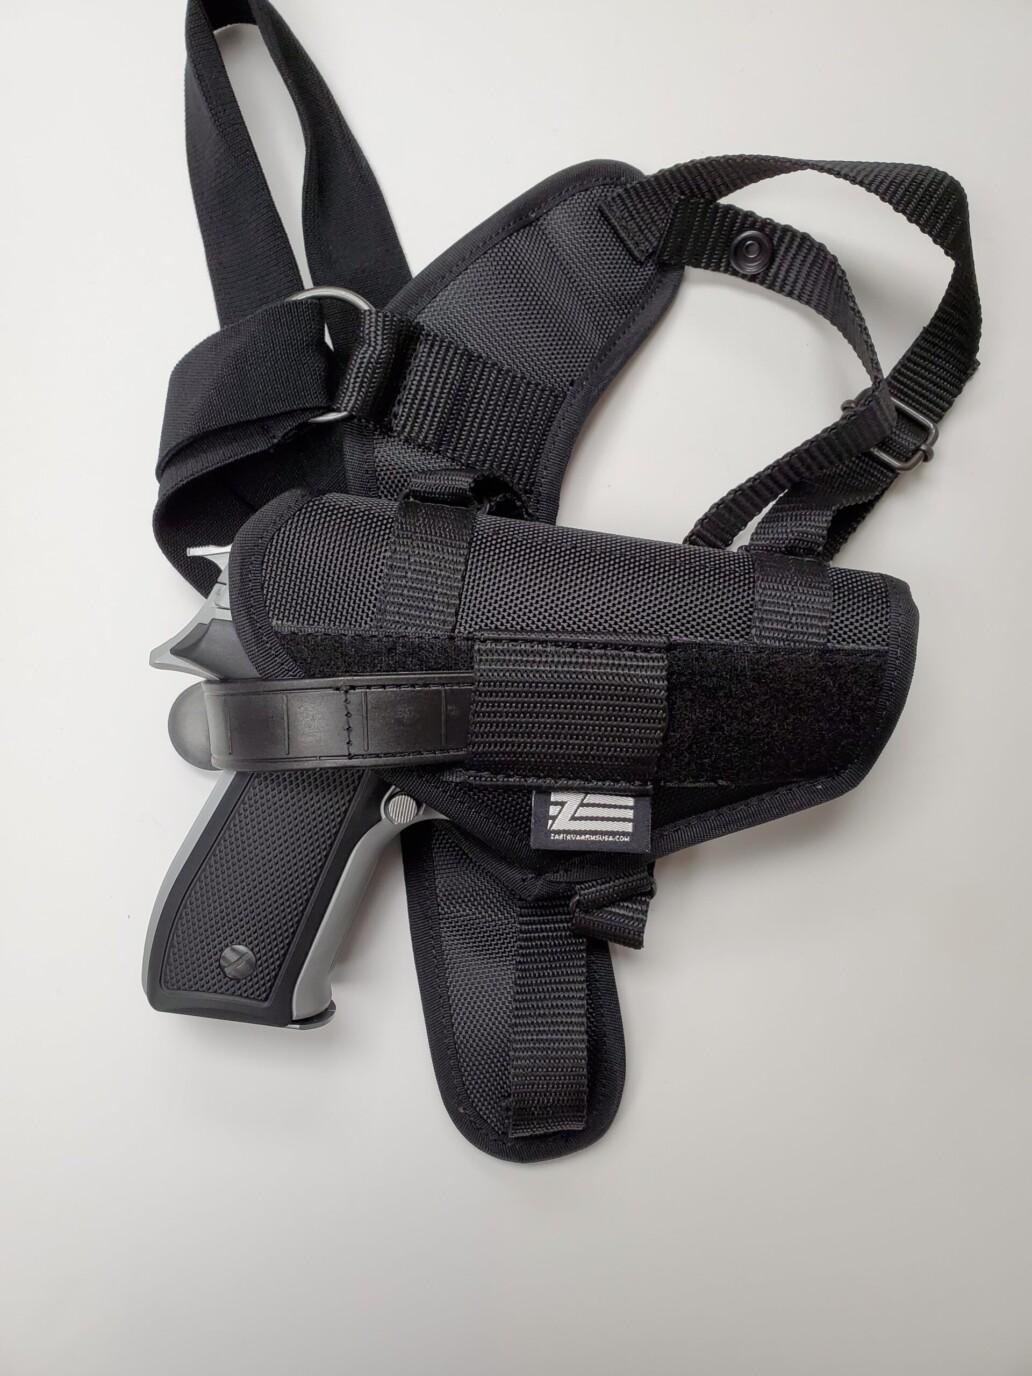 zastava shoulder holster CZ99 CZ999 EZ9 Adjustable 2 in 1 holster design